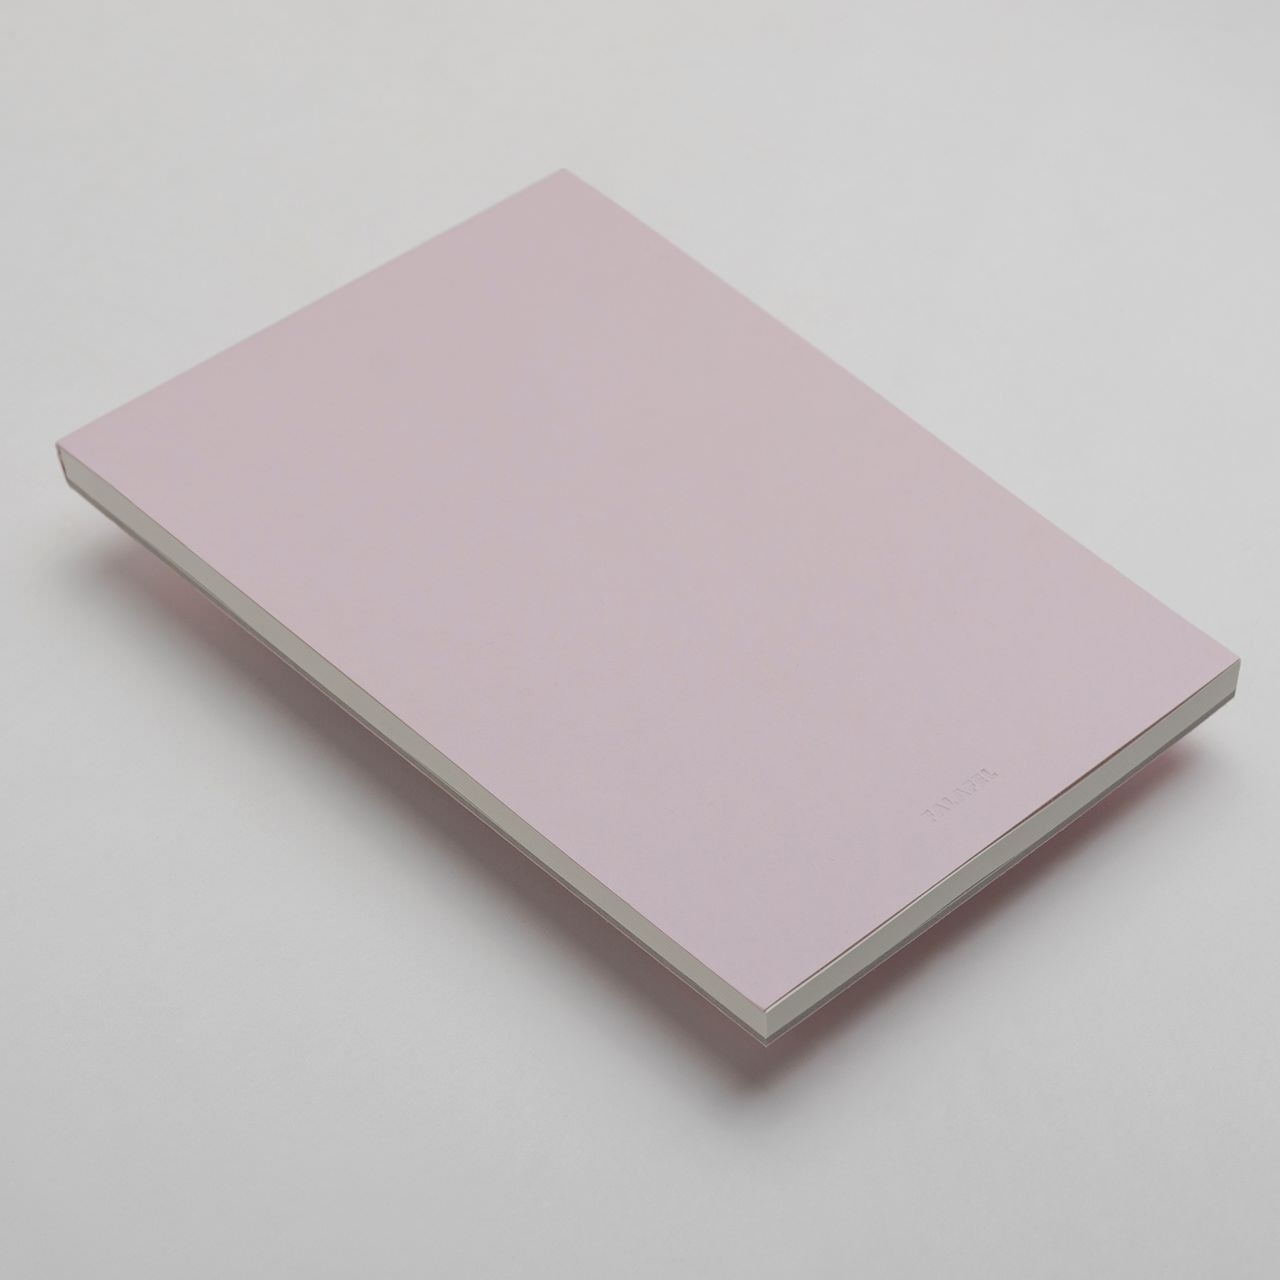 Купить Блокнот FALAFEL BOOKS Sketchpad А5 Pale Pink, Россия